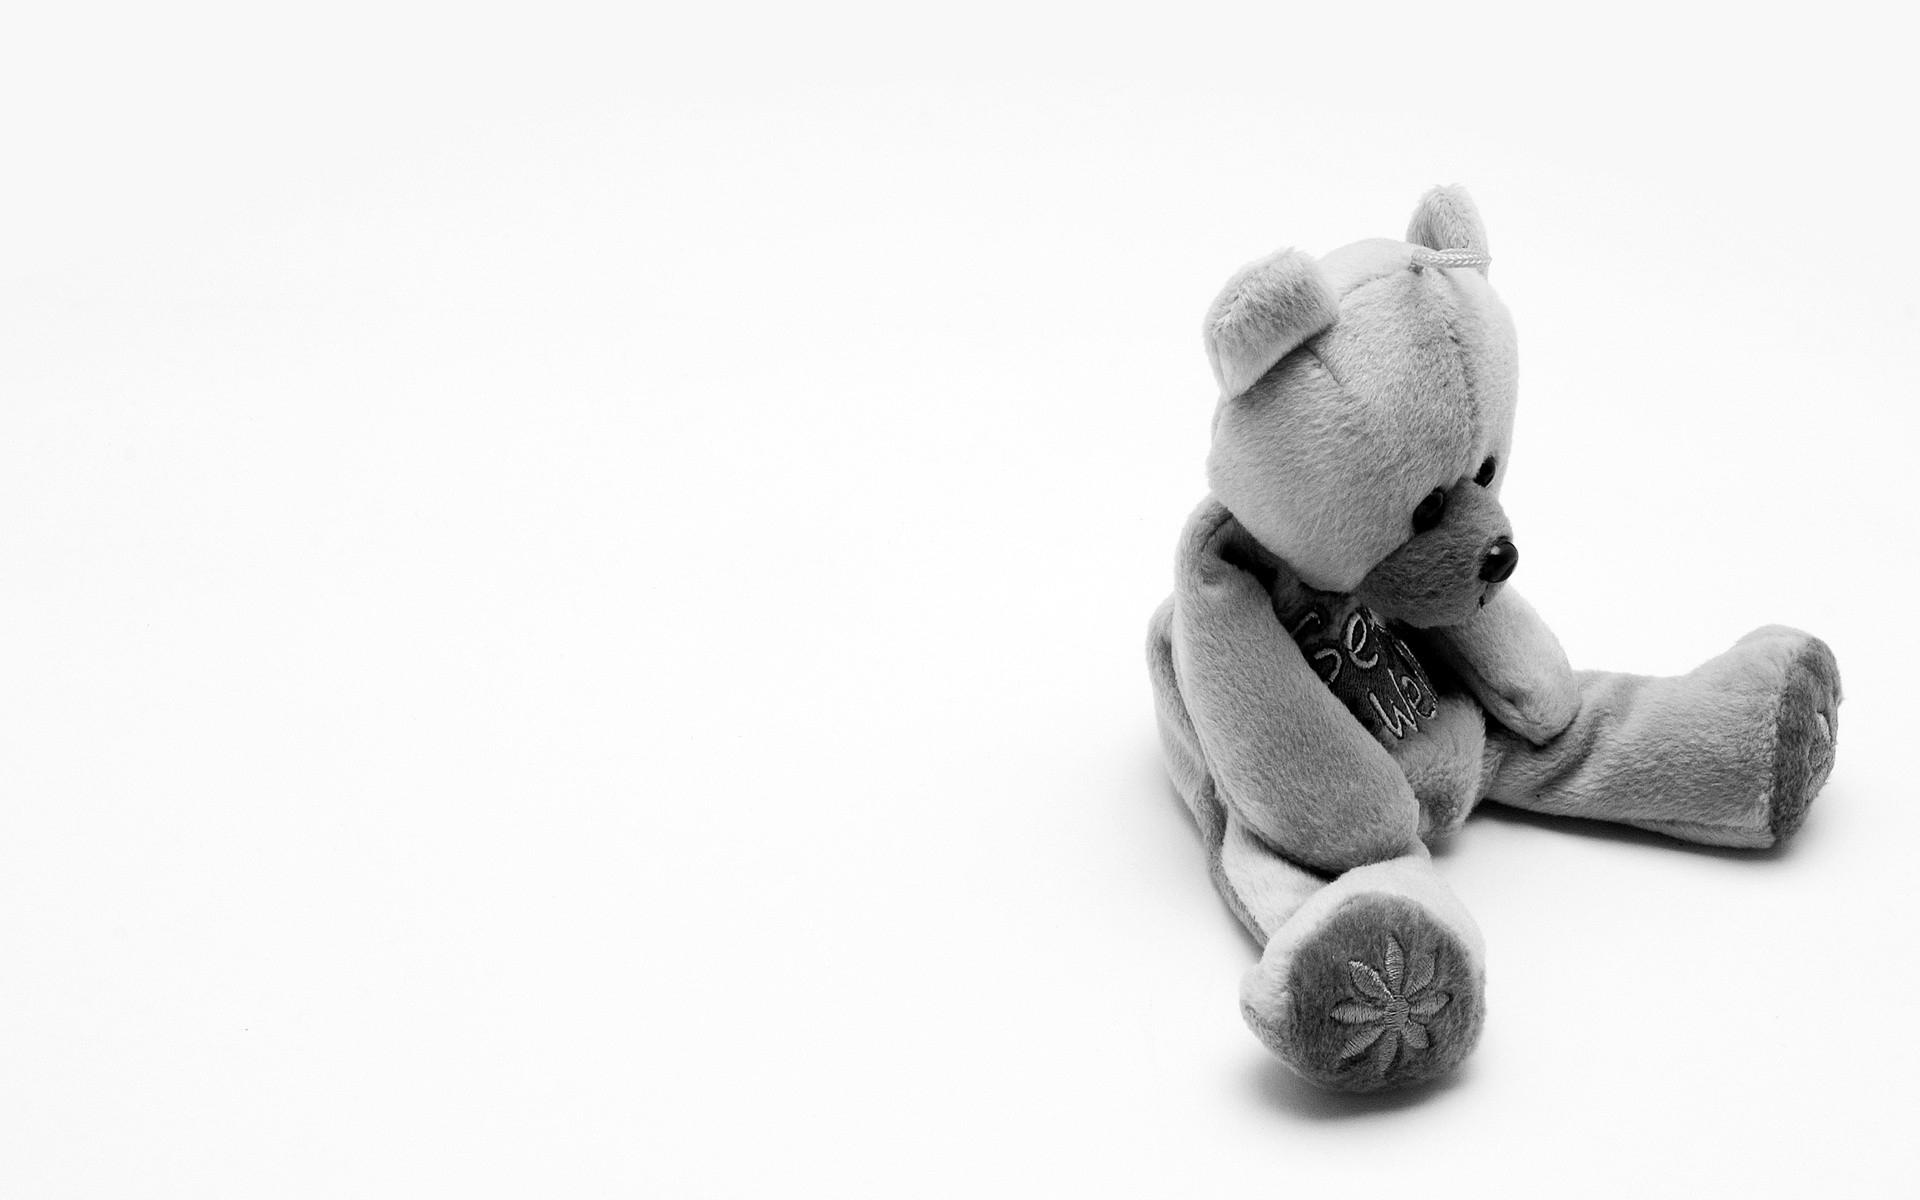 Картинки Медведь, игрушка, мягкий, черно-белый фото и обои на рабочий стол